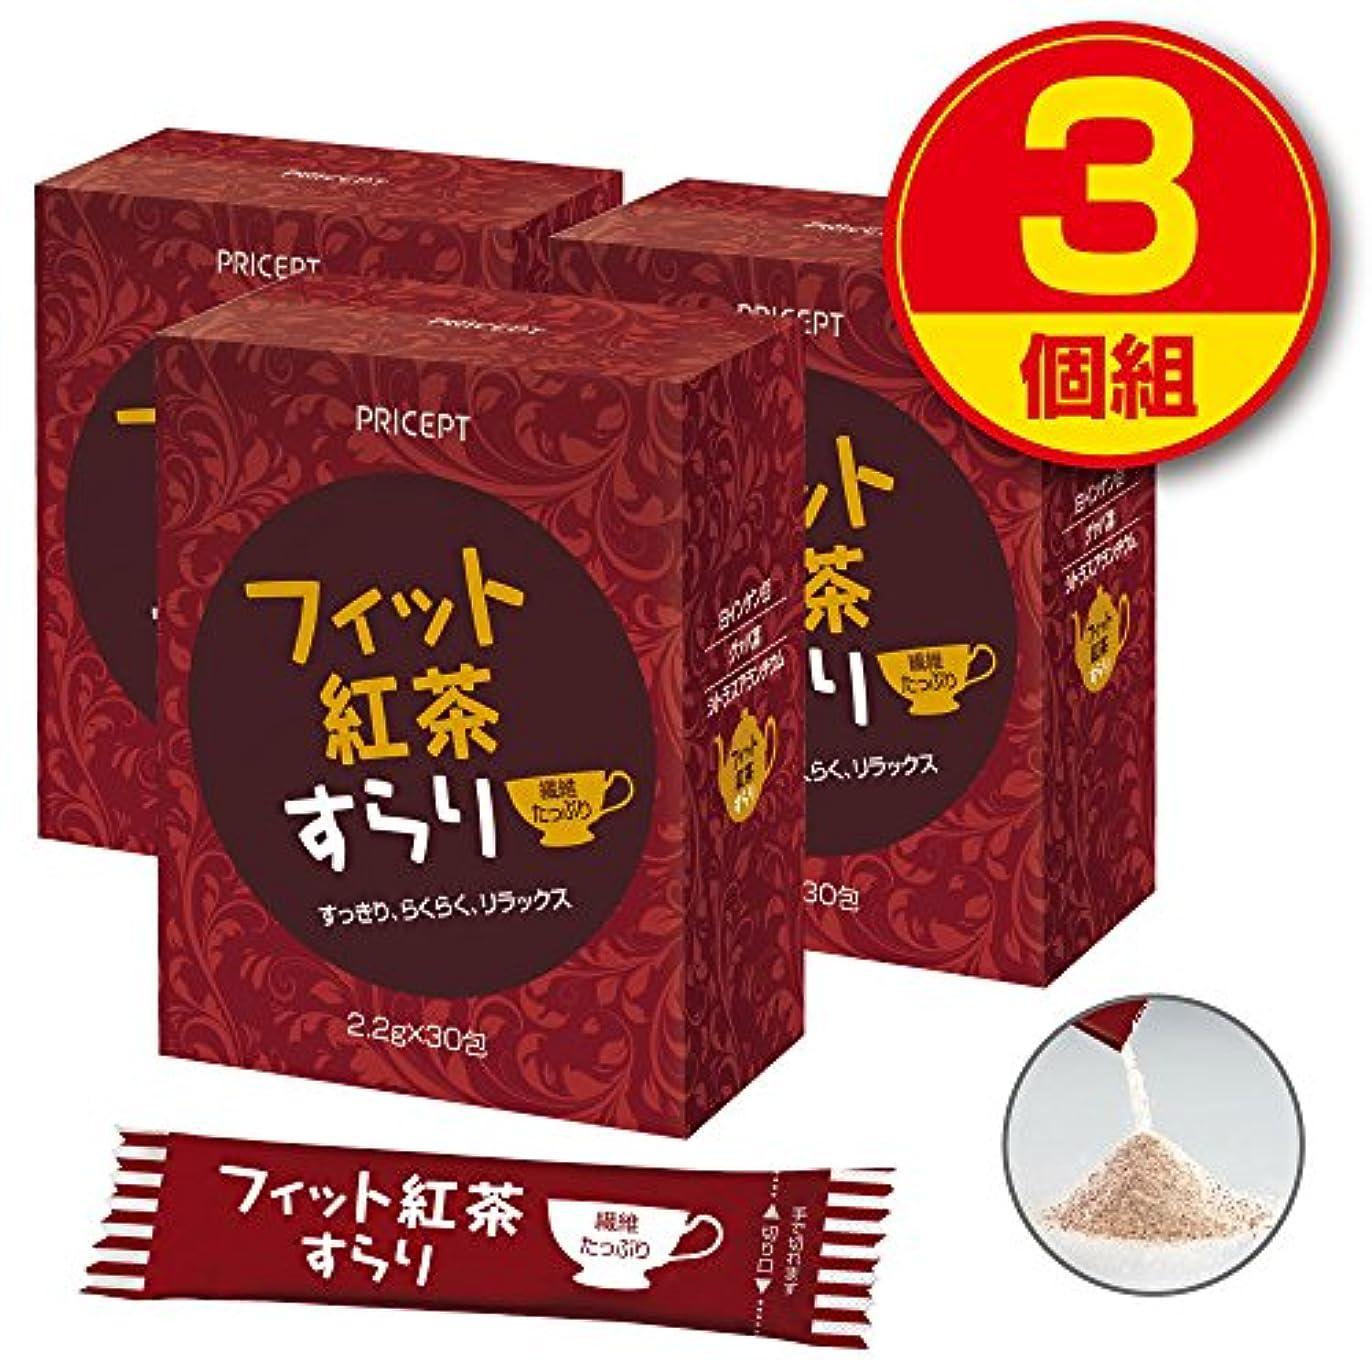 いつも宇宙のリゾートプリセプト フィット紅茶すらり(30包)【3個組?90包】(食物繊維配合ダイエットサポート紅茶)